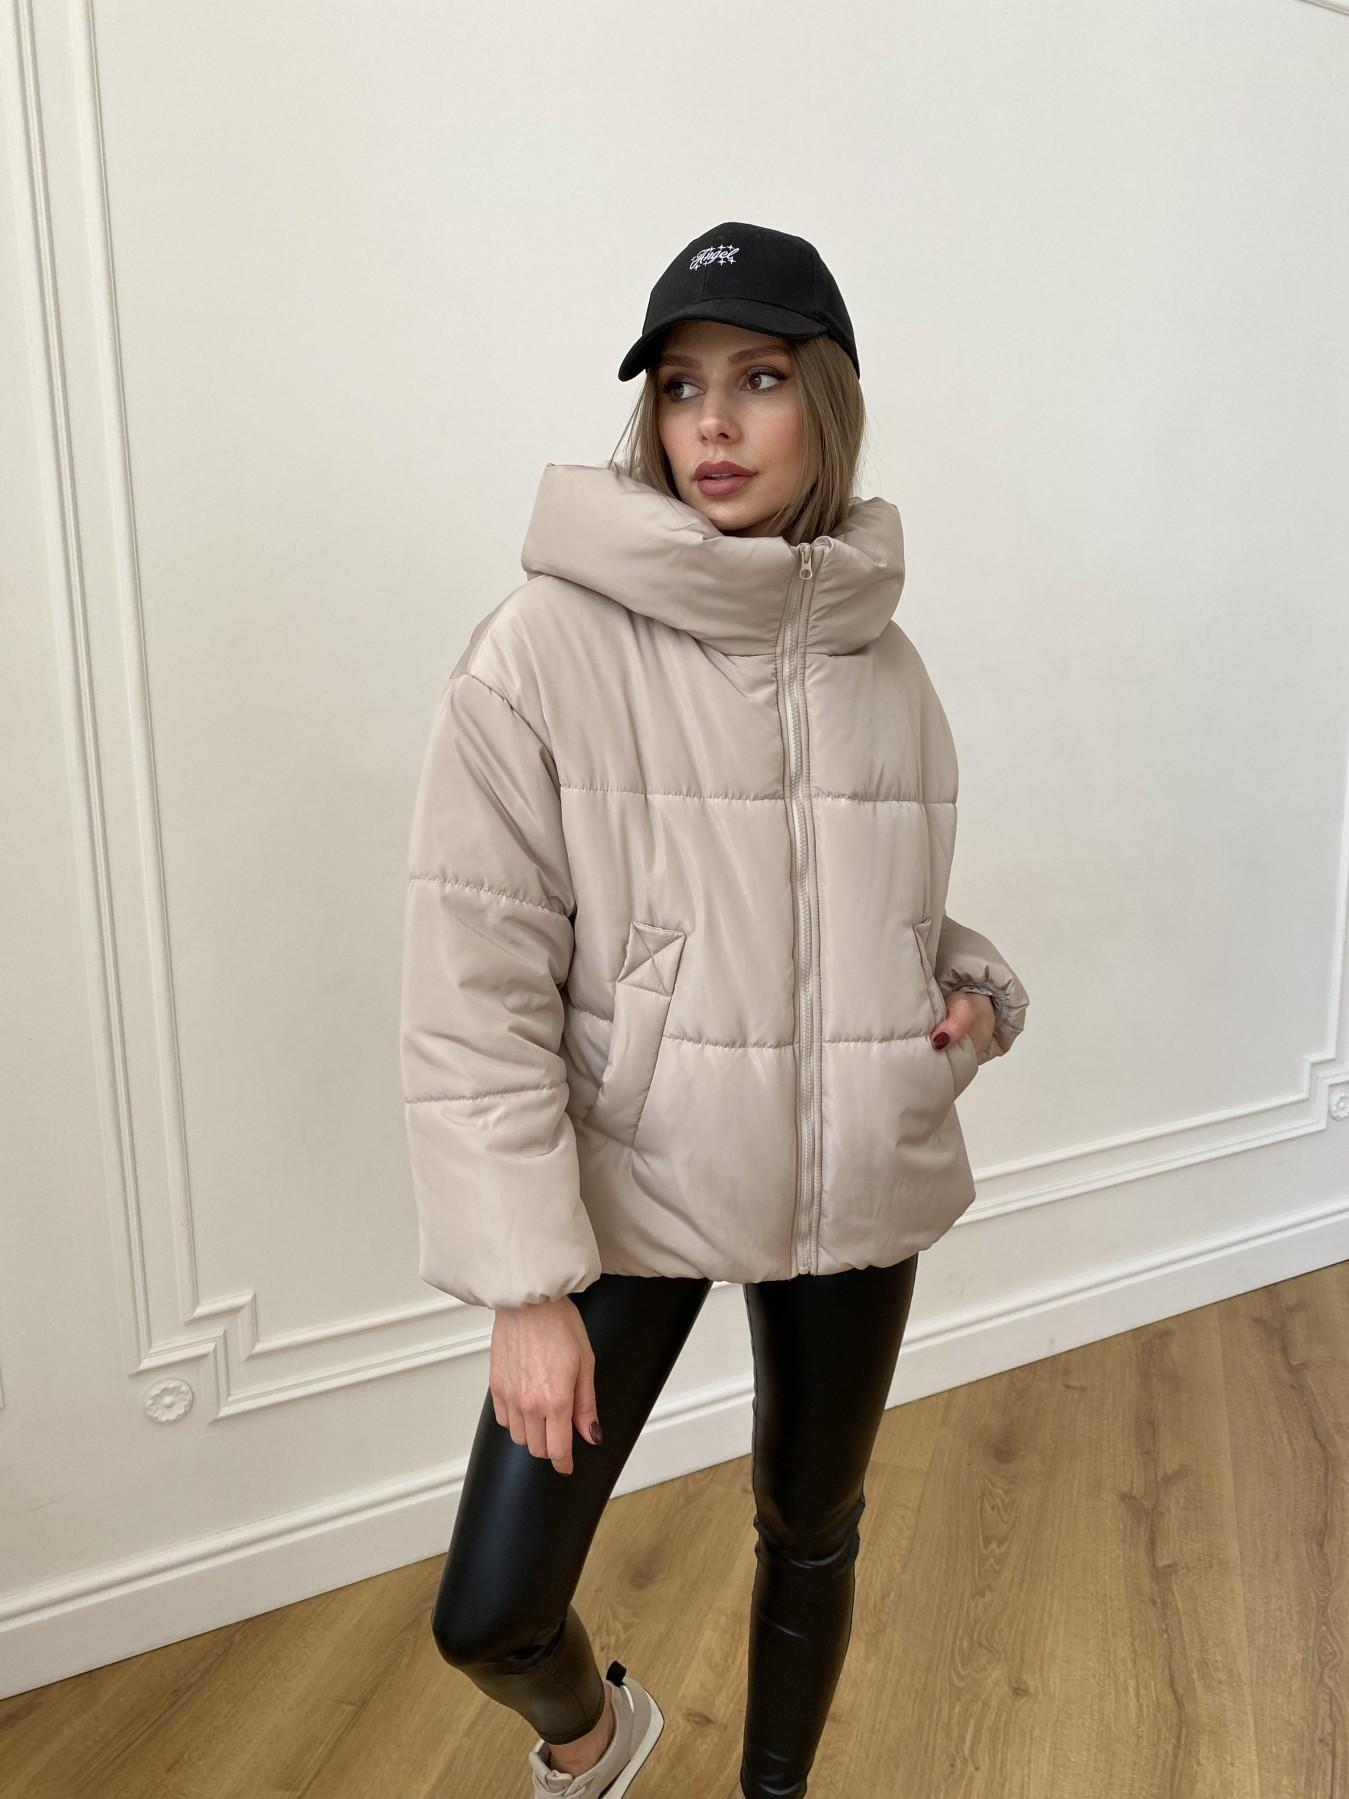 Нокс куртка из плащевой ткани 10535 АРТ. 47482 Цвет: Бежевый - фото 7, интернет магазин tm-modus.ru